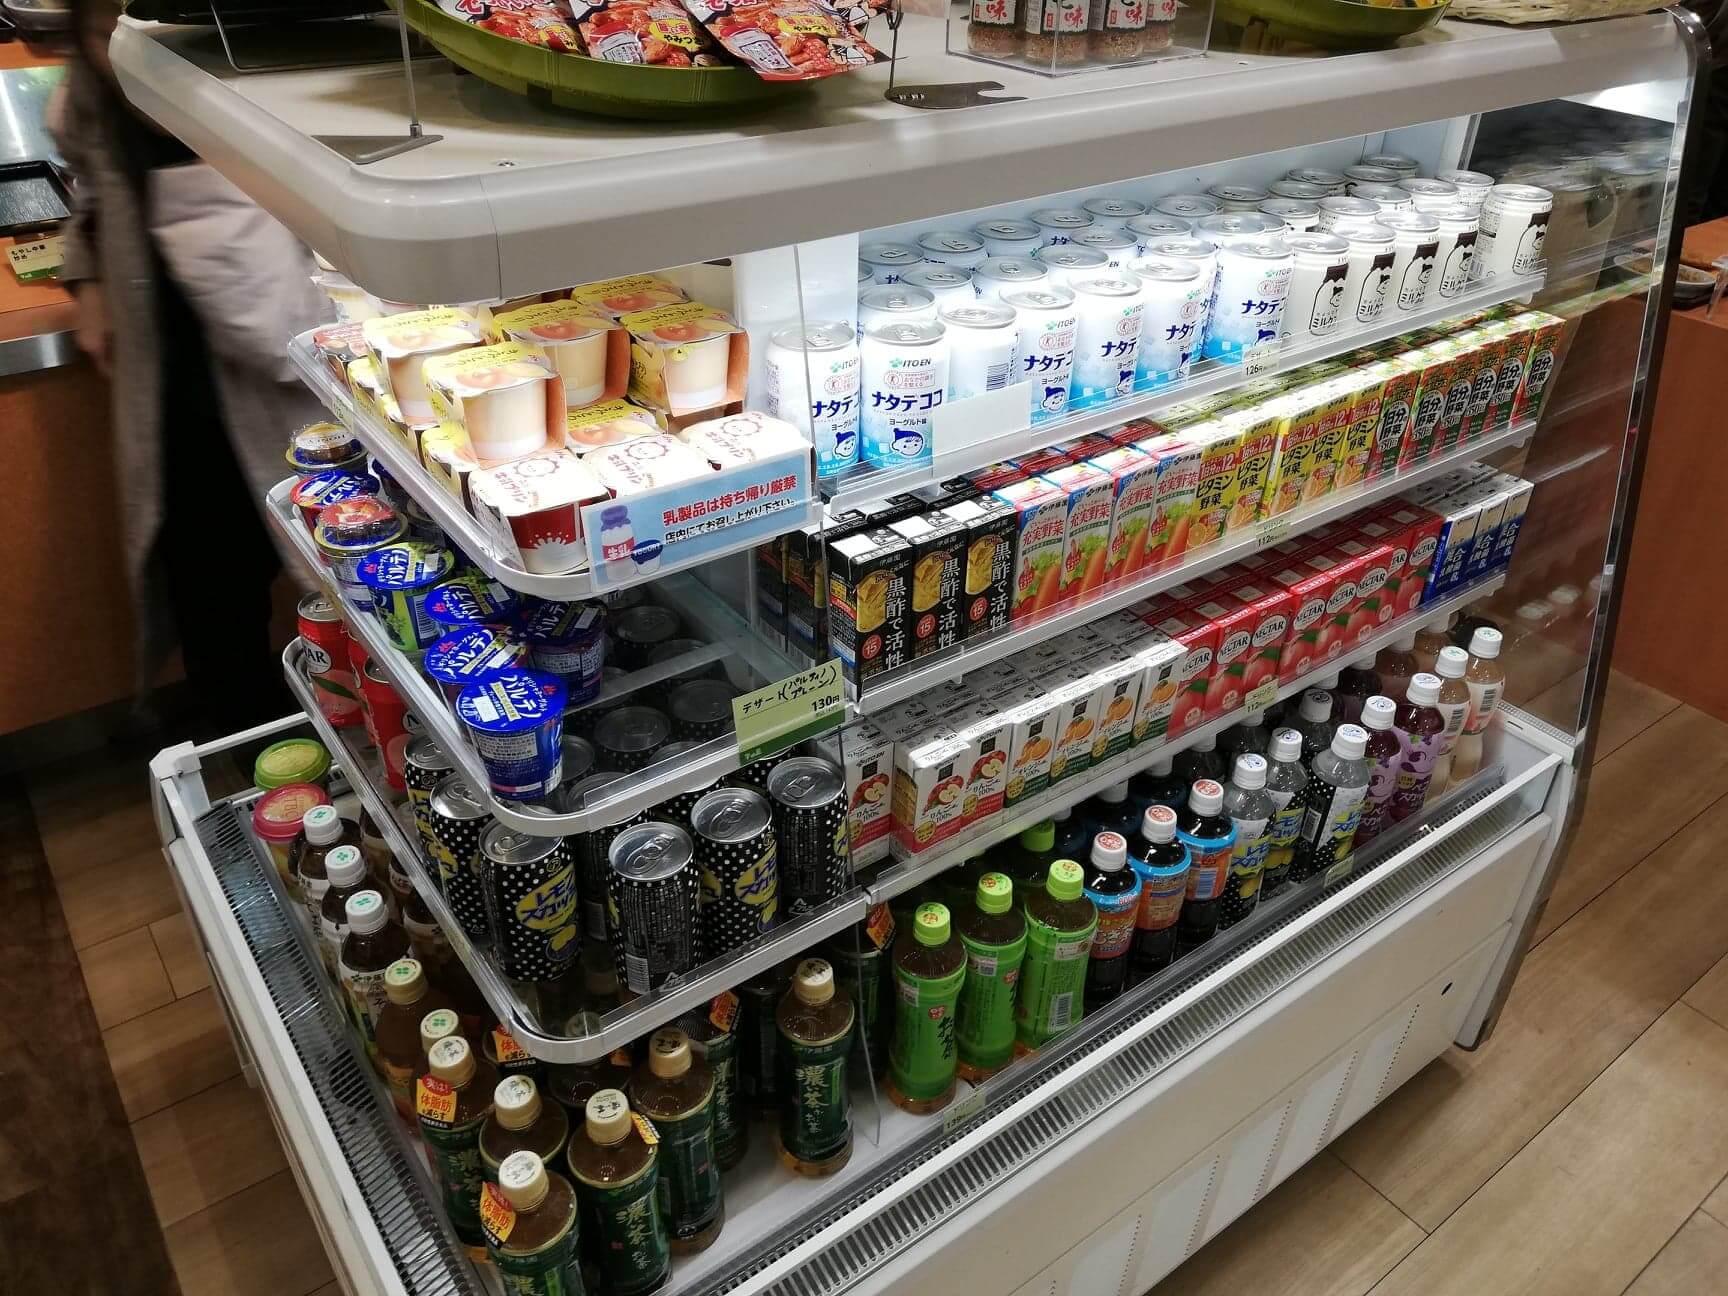 宮城県仙台市『大衆食堂半田屋東口BiVi店』の店内商品写真